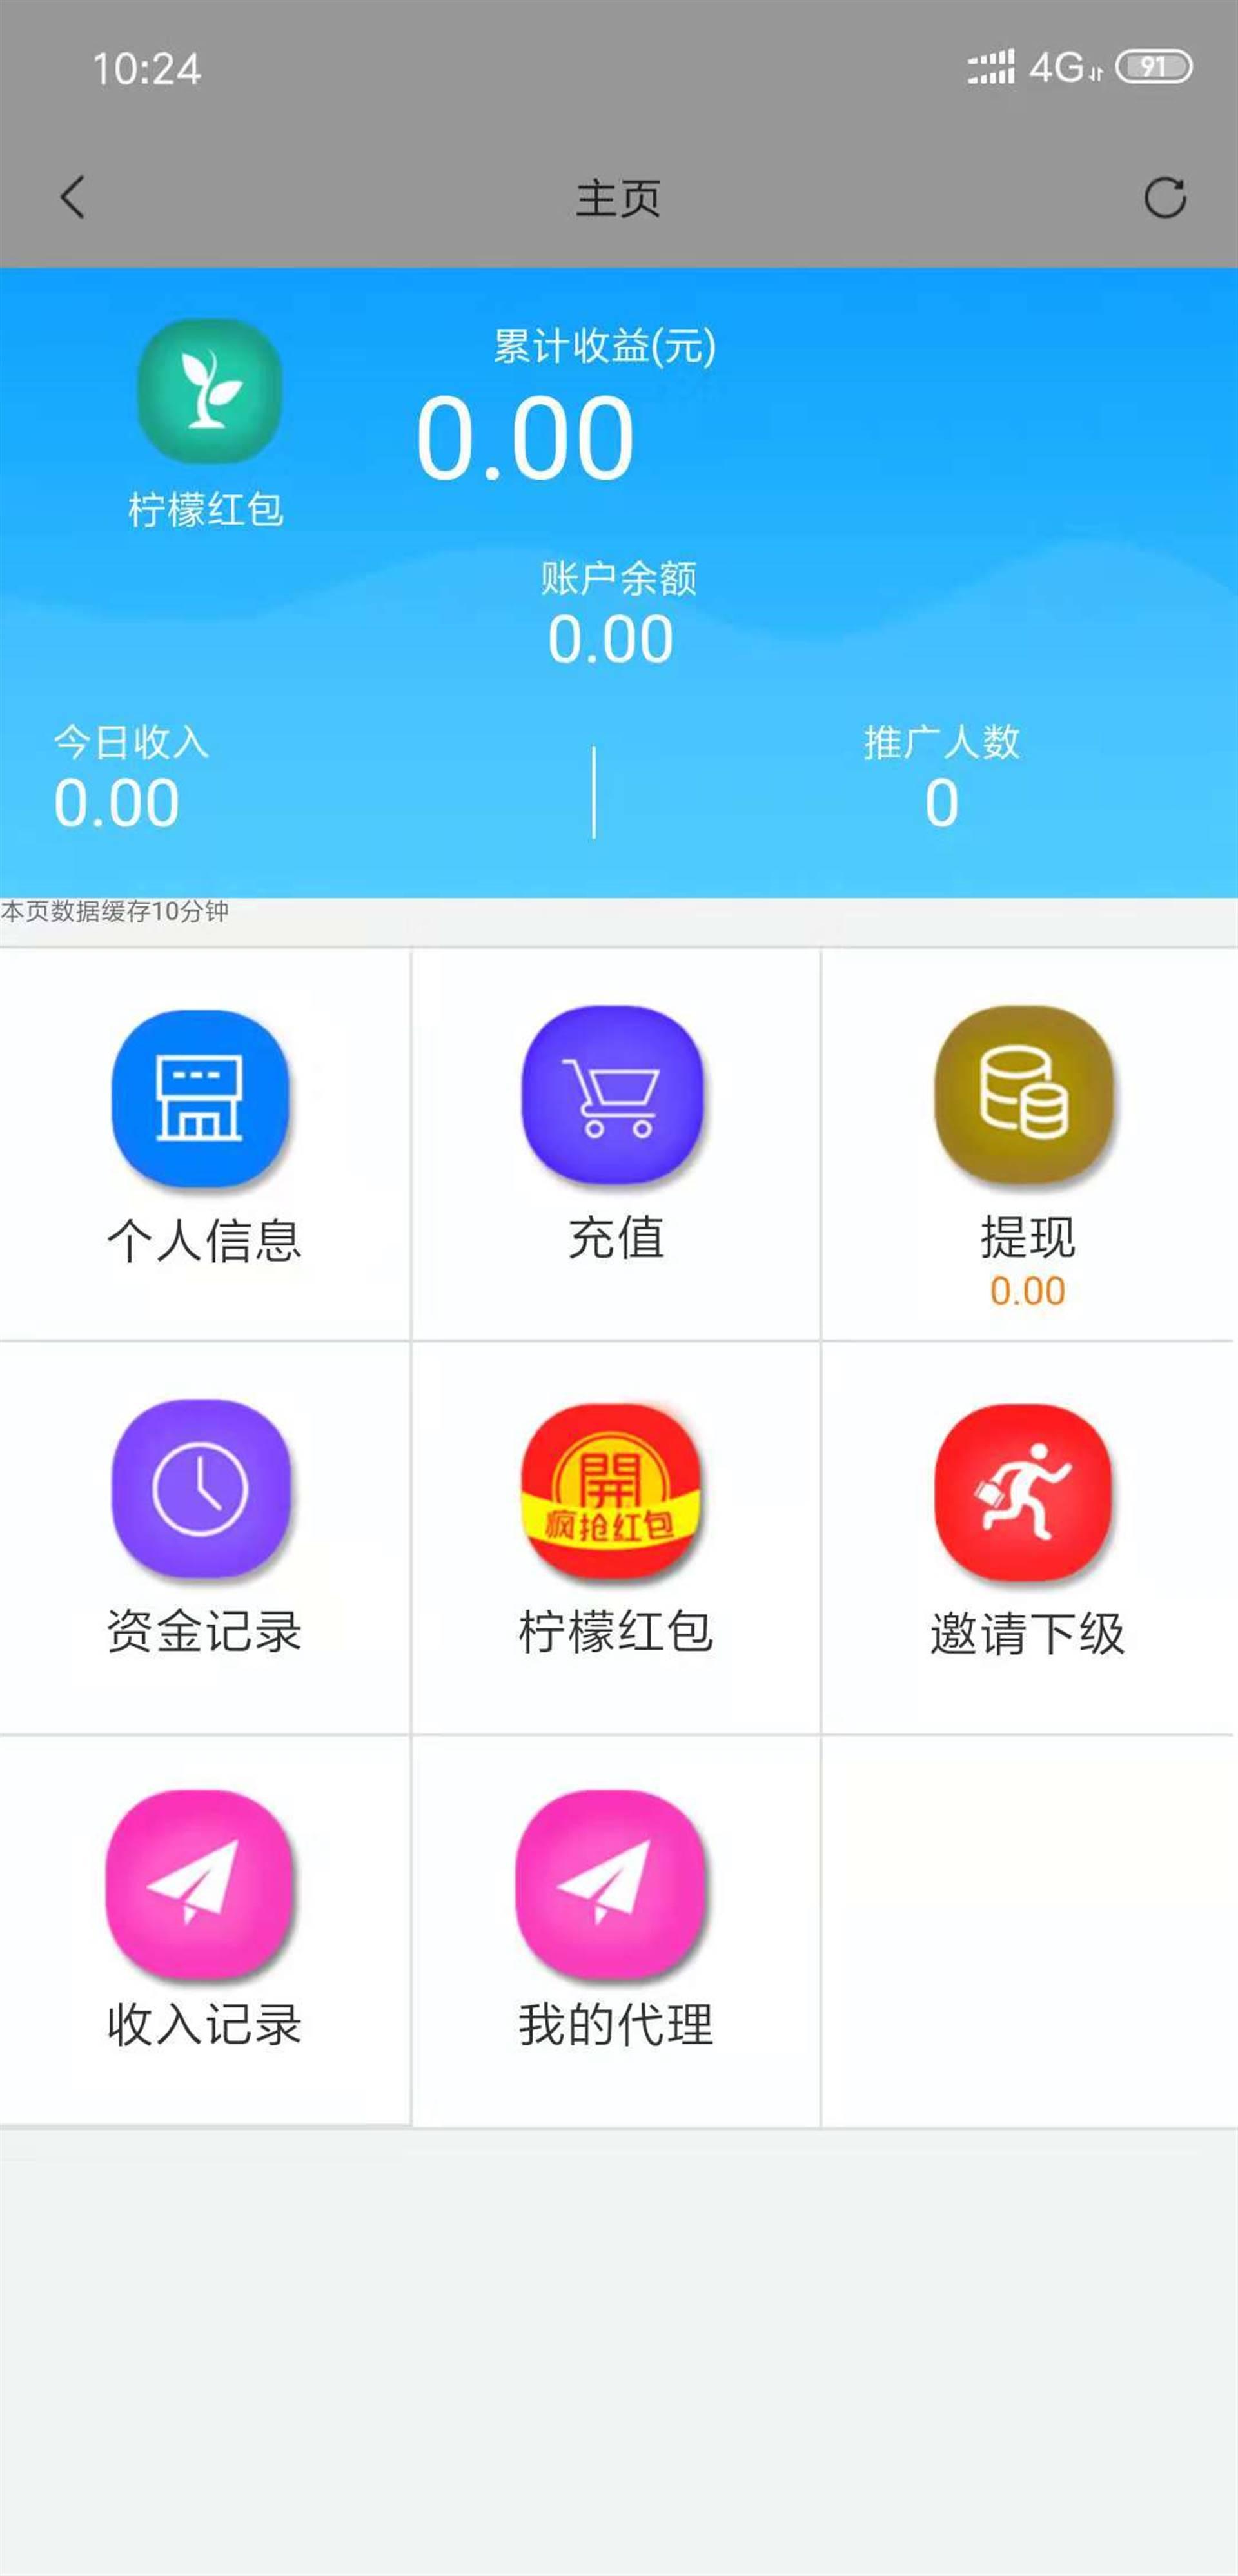 天信扫雷红包游戏app禁抢开发聊天功能制作